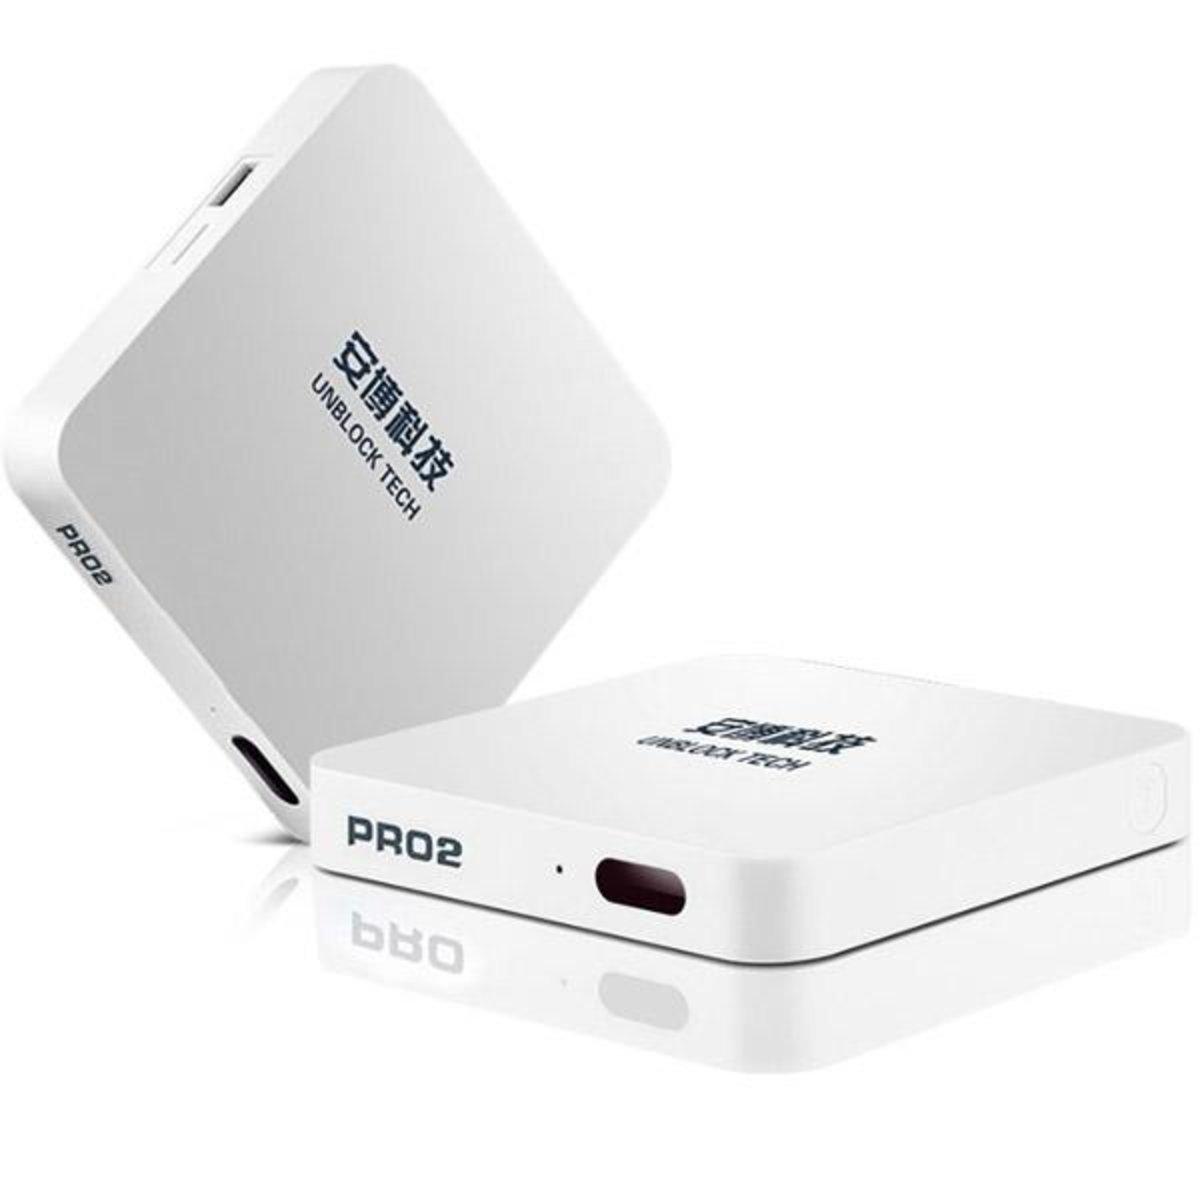 Upro 2 1950_16G 高清HDMI智能電視盒